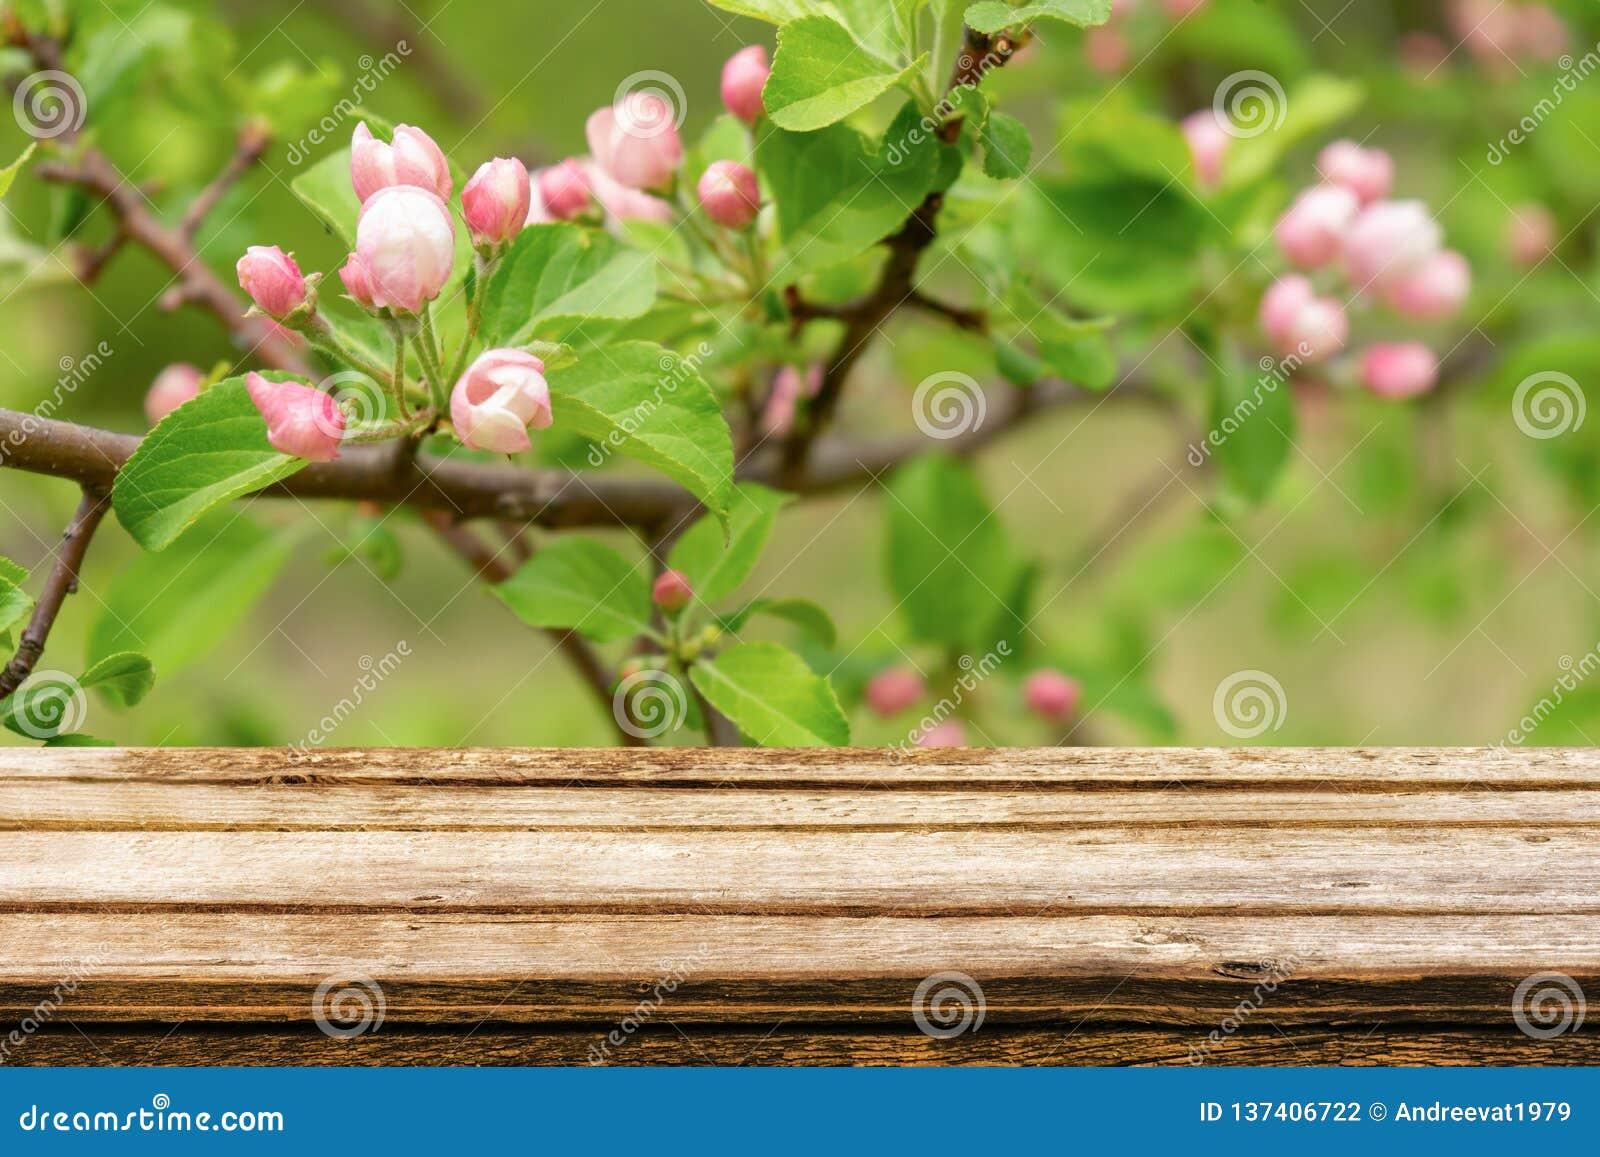 Κενός ξύλινος πίνακας με το υπόβαθρο άνοιξη του ανθίζοντας άγριου δέντρου μηλιάς Χλεύη επάνω για την επίδειξη ή το montage προϊόν